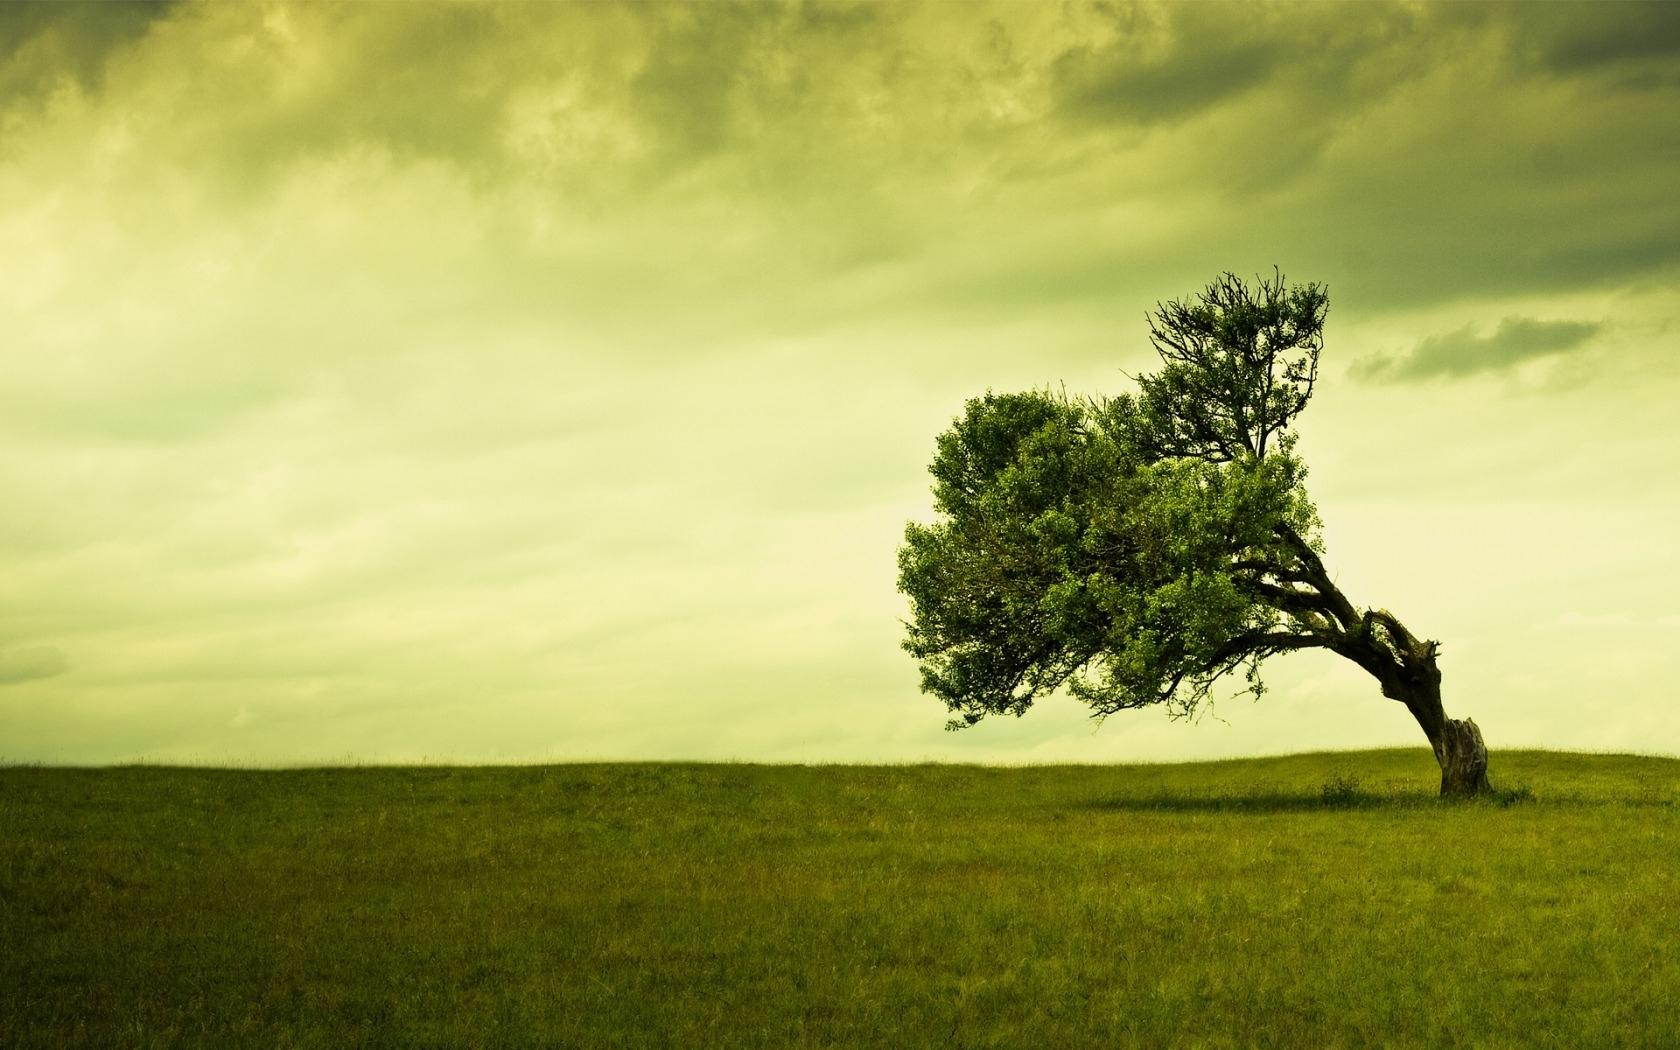 23654 скачать обои Пейзаж, Деревья, Поля, Облака - заставки и картинки бесплатно